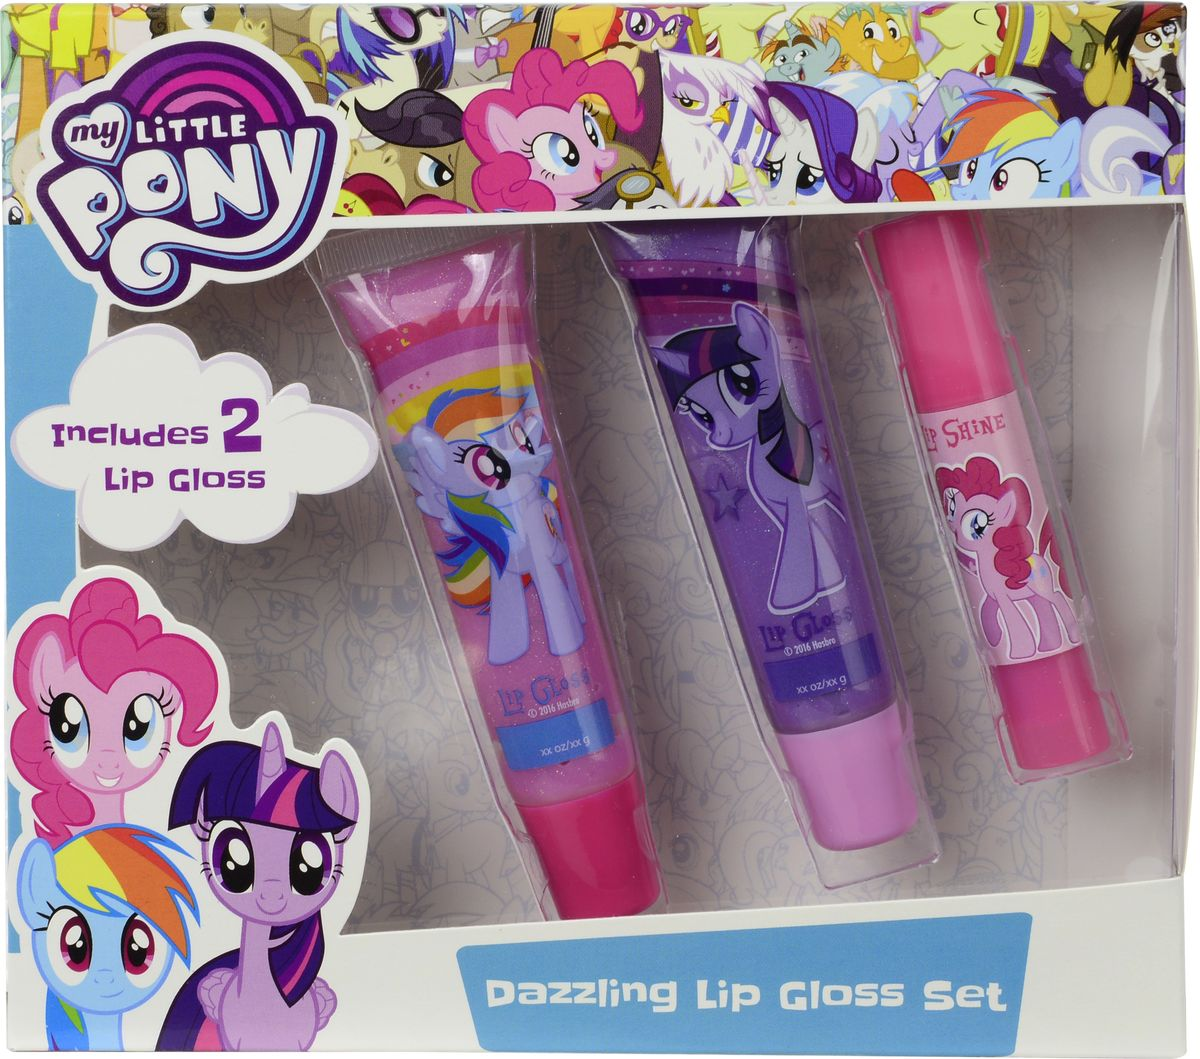 Markwins Игровой набор детской декоративной косметики My Little Pony 9711051 markwins 9711551 my little pony игровой набор детской декоративной косметики для губ